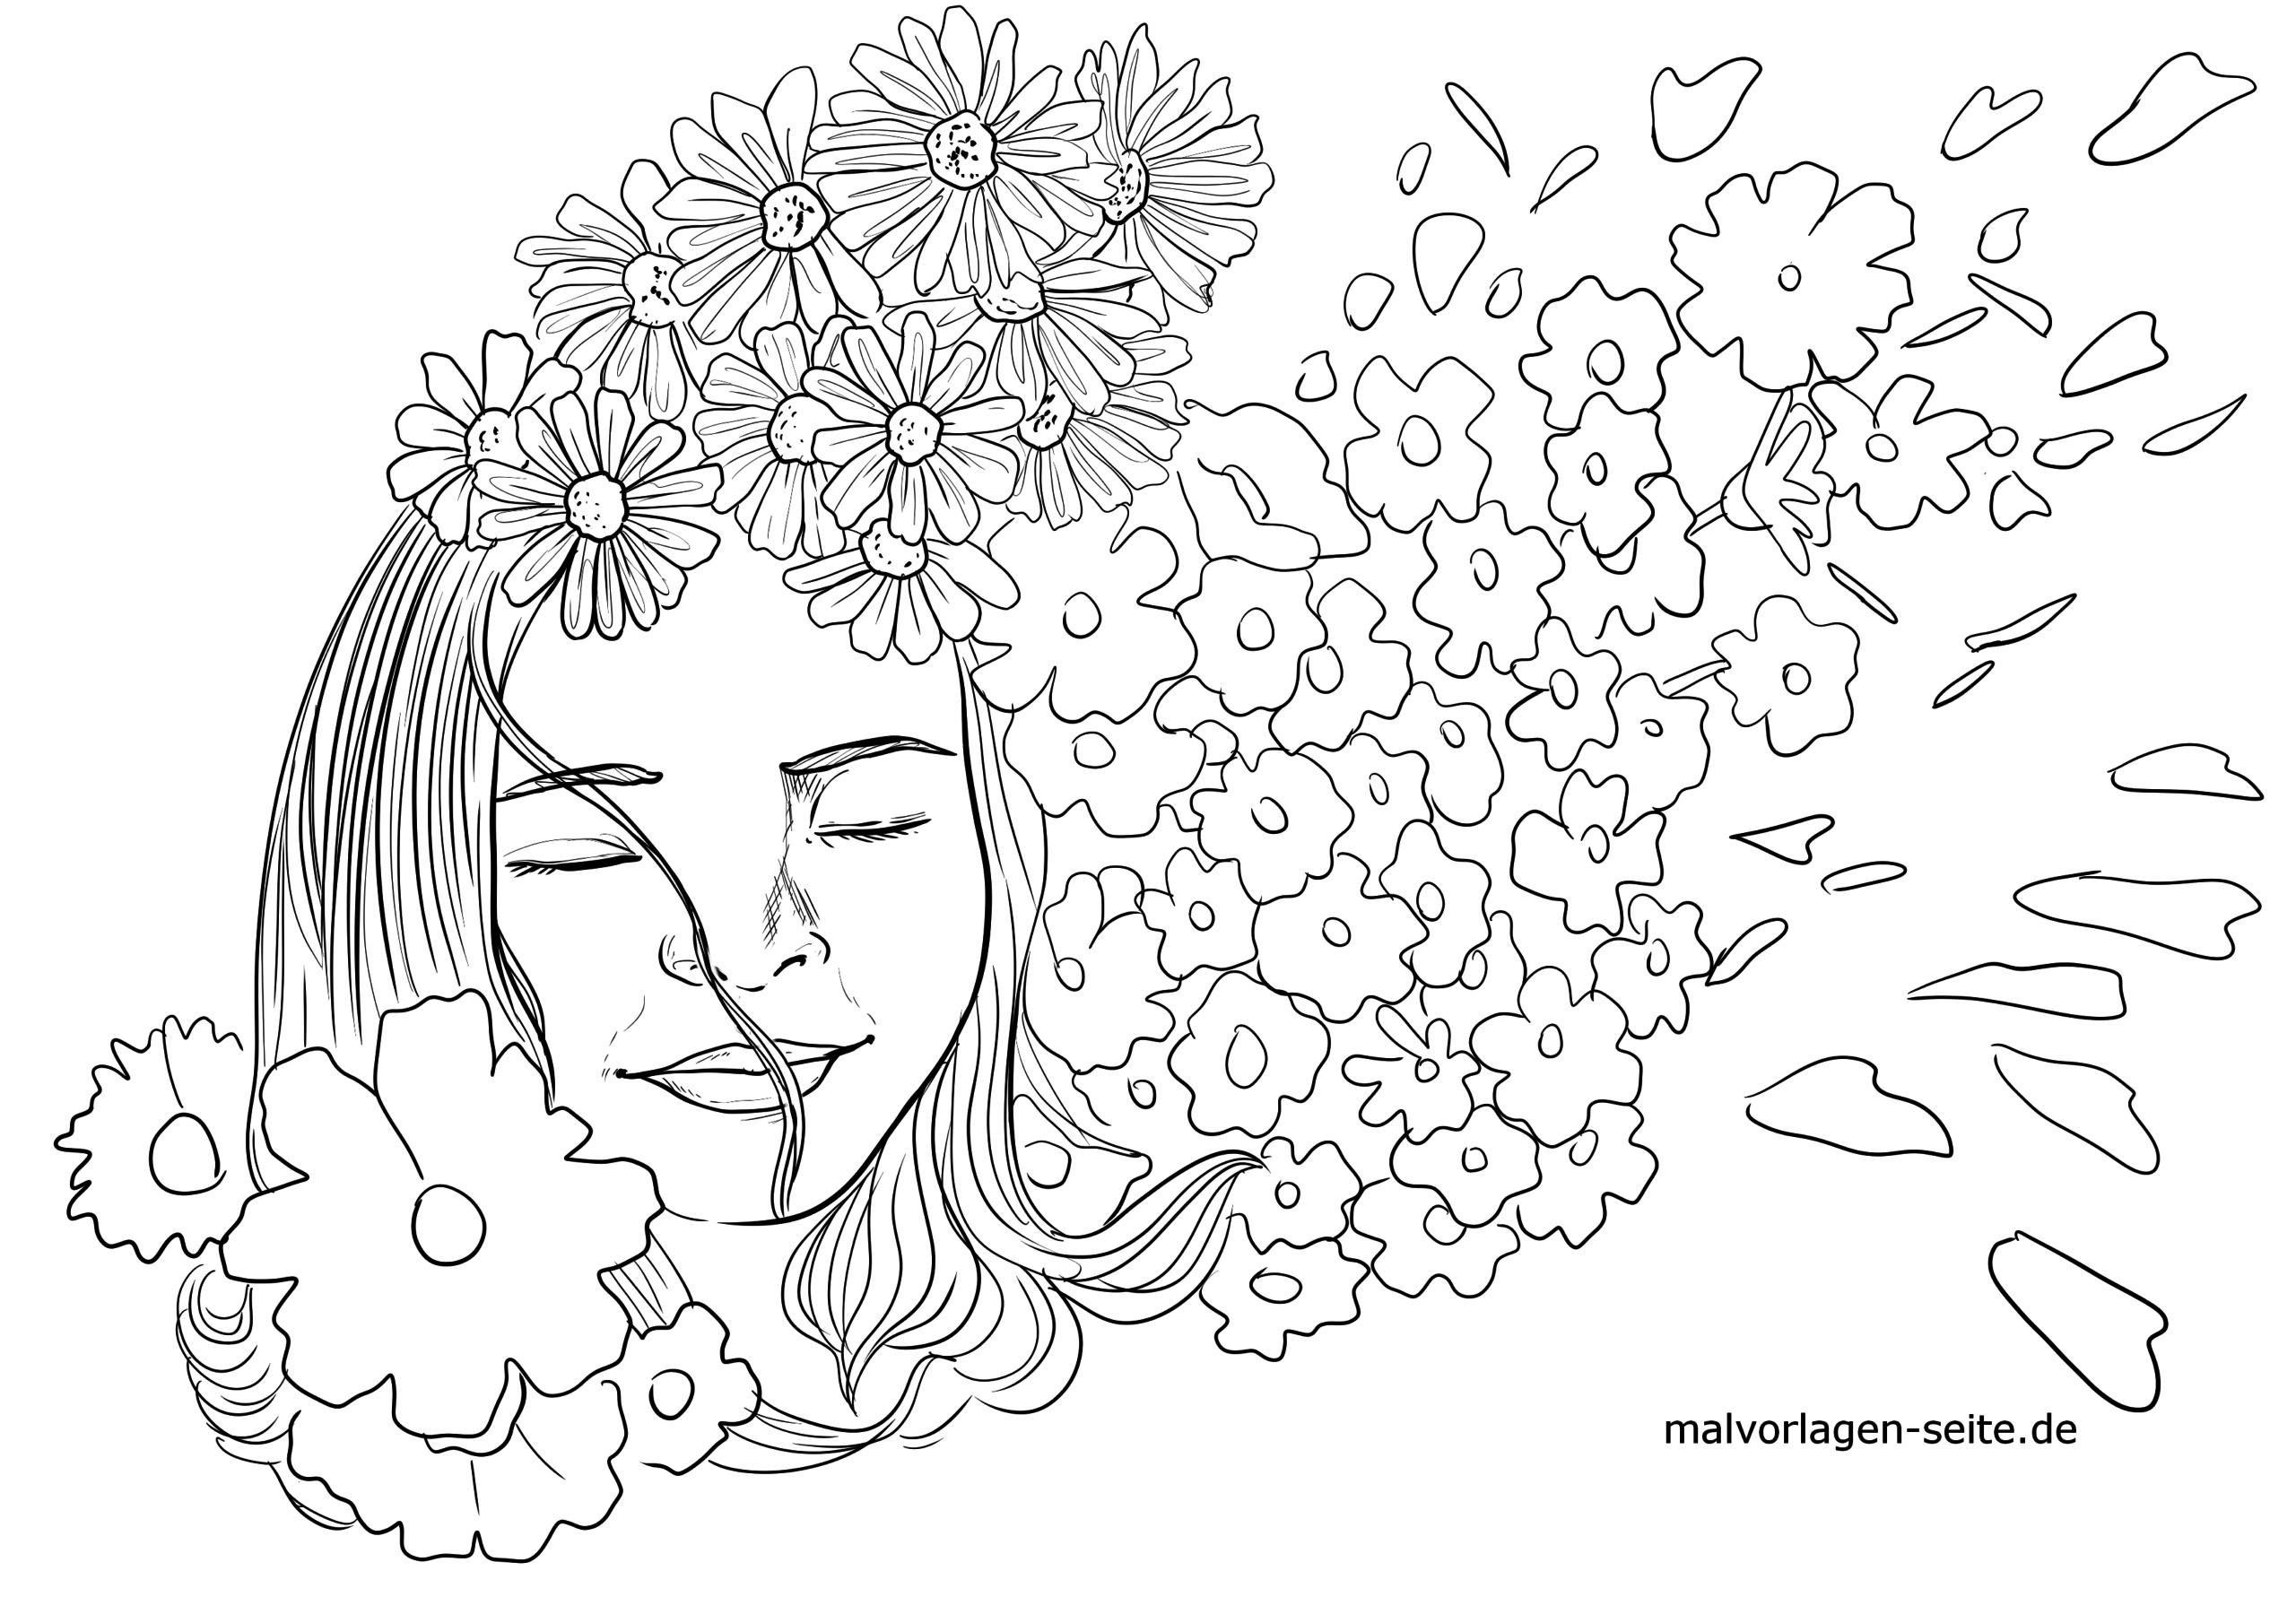 Malvorlage Blumenmadchen Personen Kinder Kostenlose Ausmalbilder